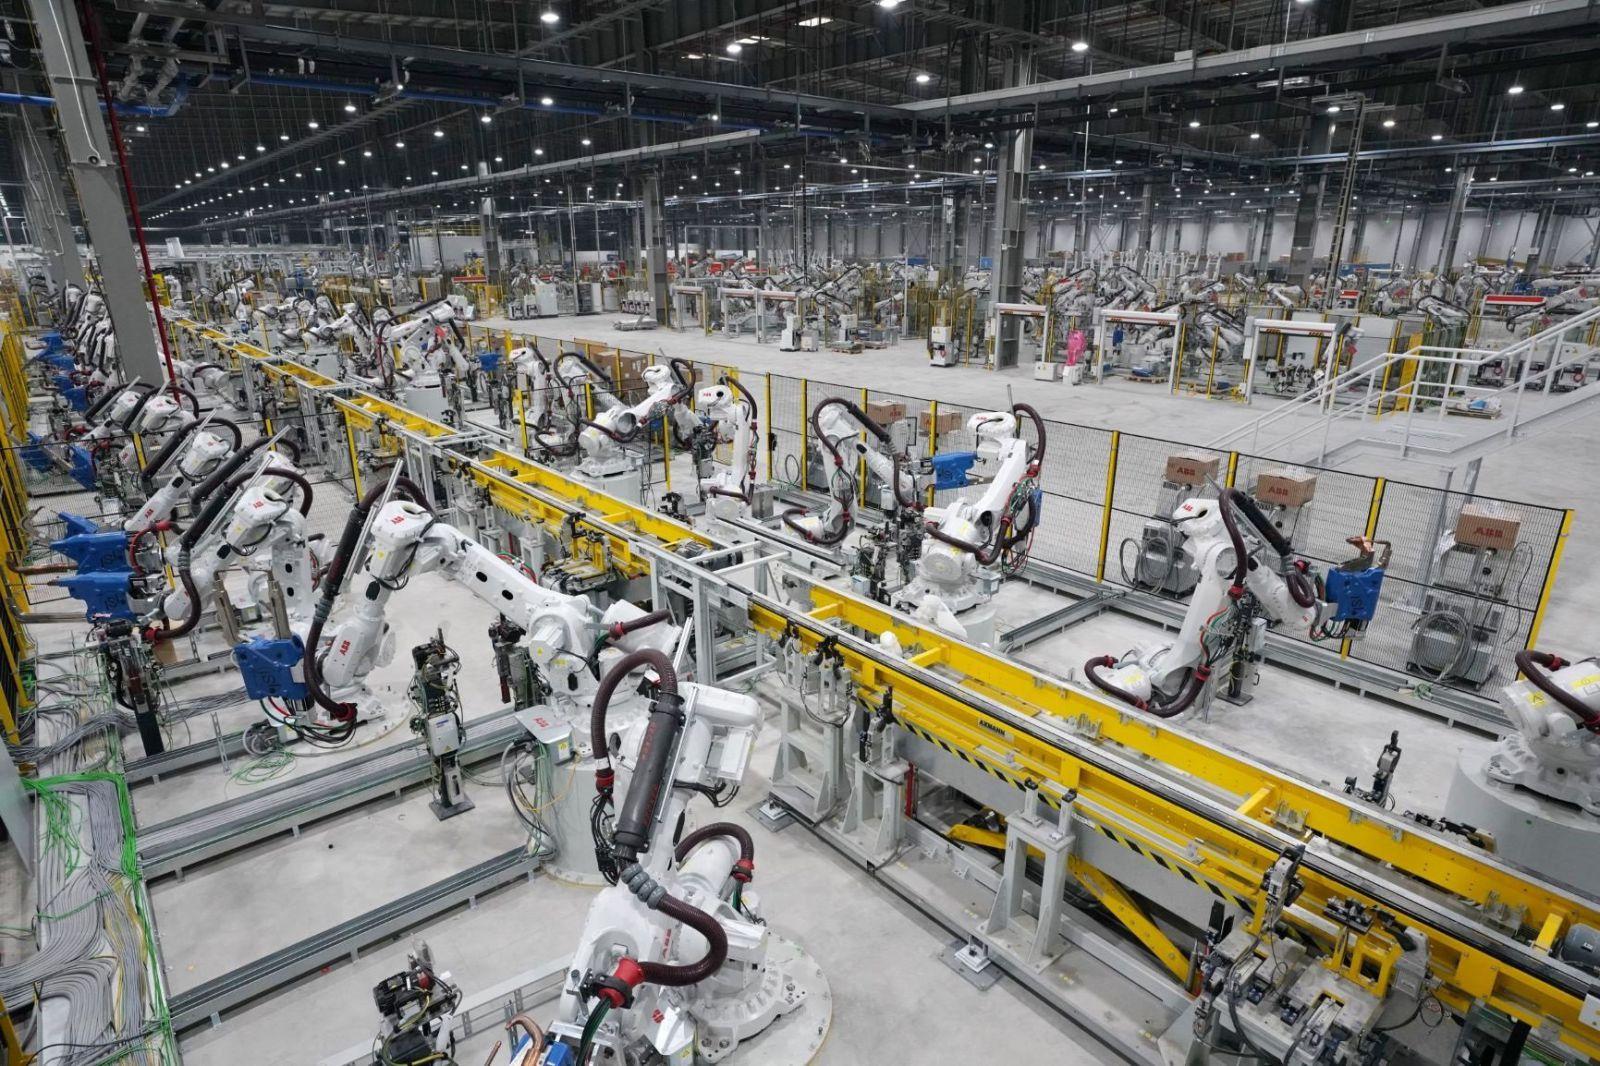 Mạng lưới kinh tế thịnh vượng và cơ hội cho bất động sản Việt Nam 2